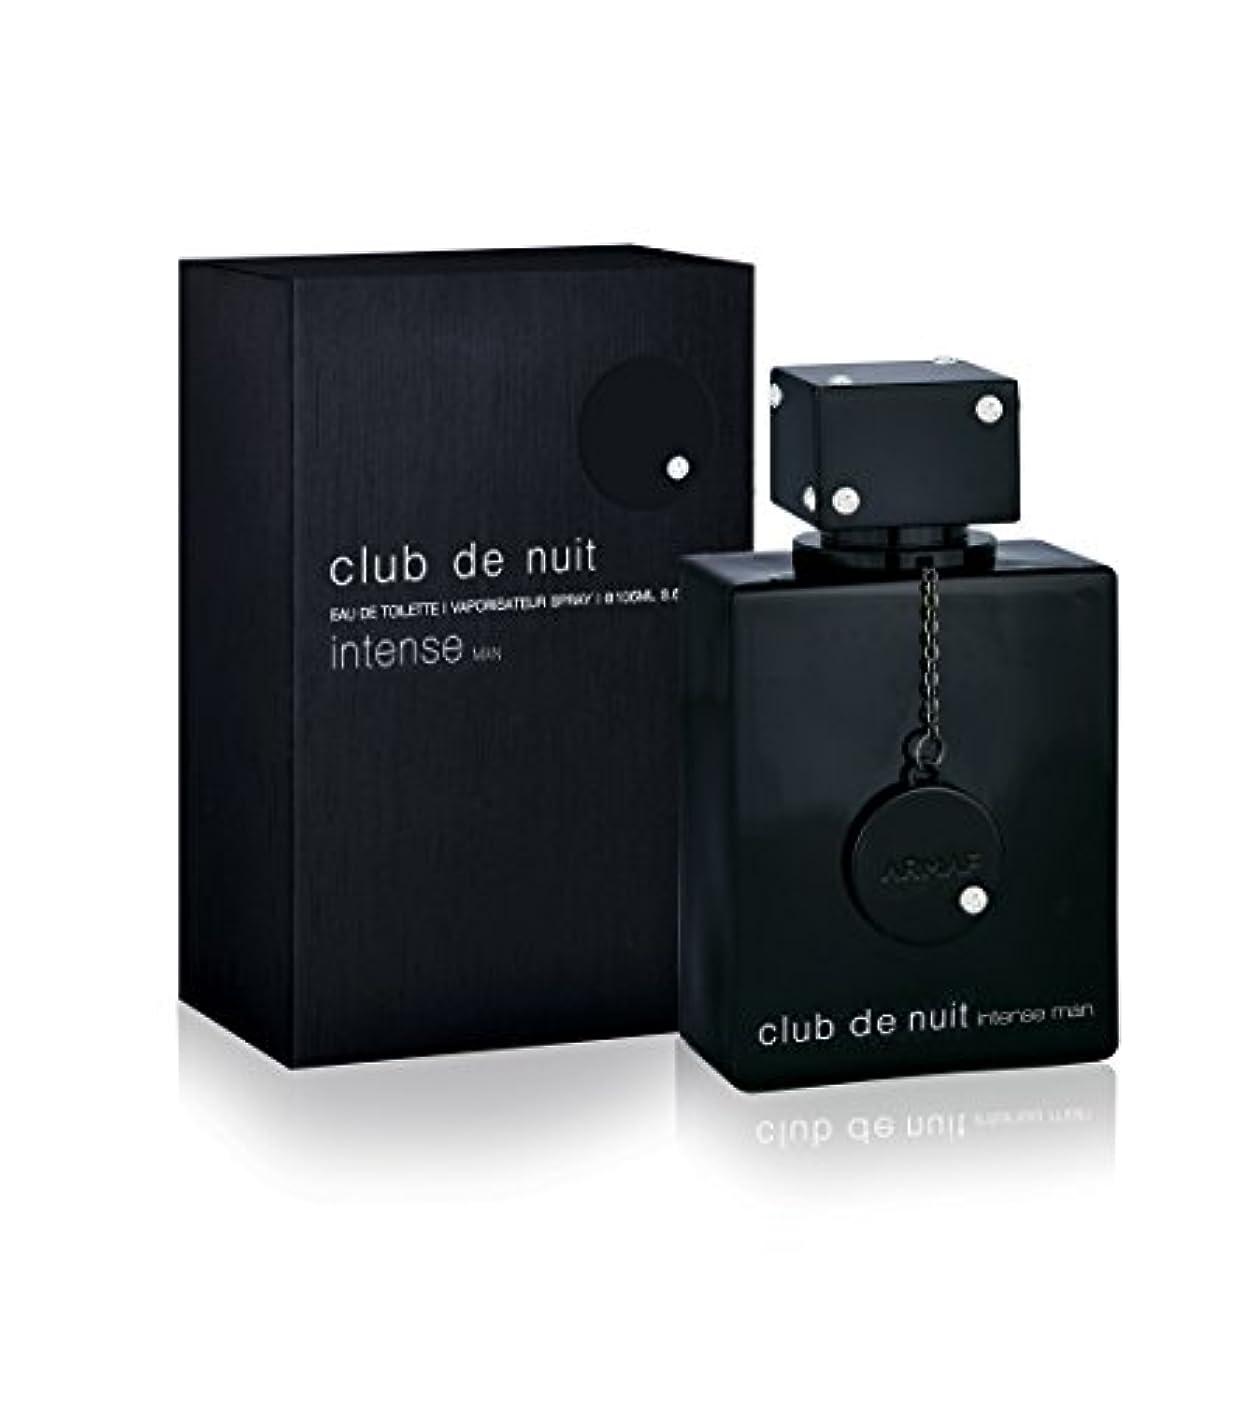 誘惑モンスタービタミンArmaf club de nuit men intense Perfume EDT Eau De Toilette 100 ml Fragrance